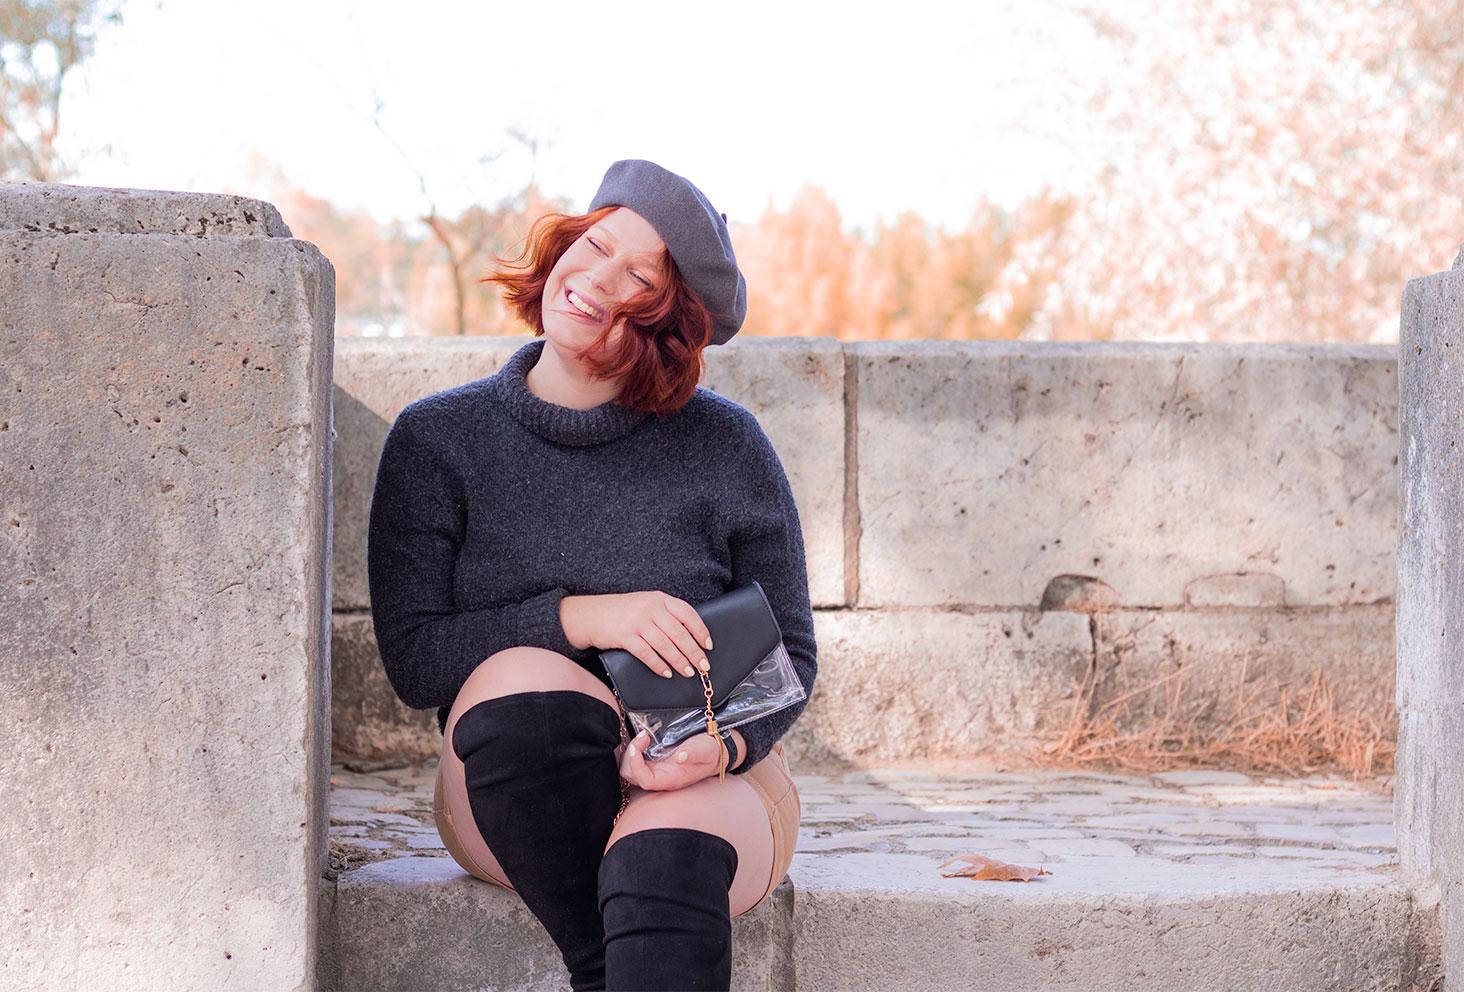 Assise dans un escaliers en pierre avec le sourire, un béret sur la tête en pull à col roulé